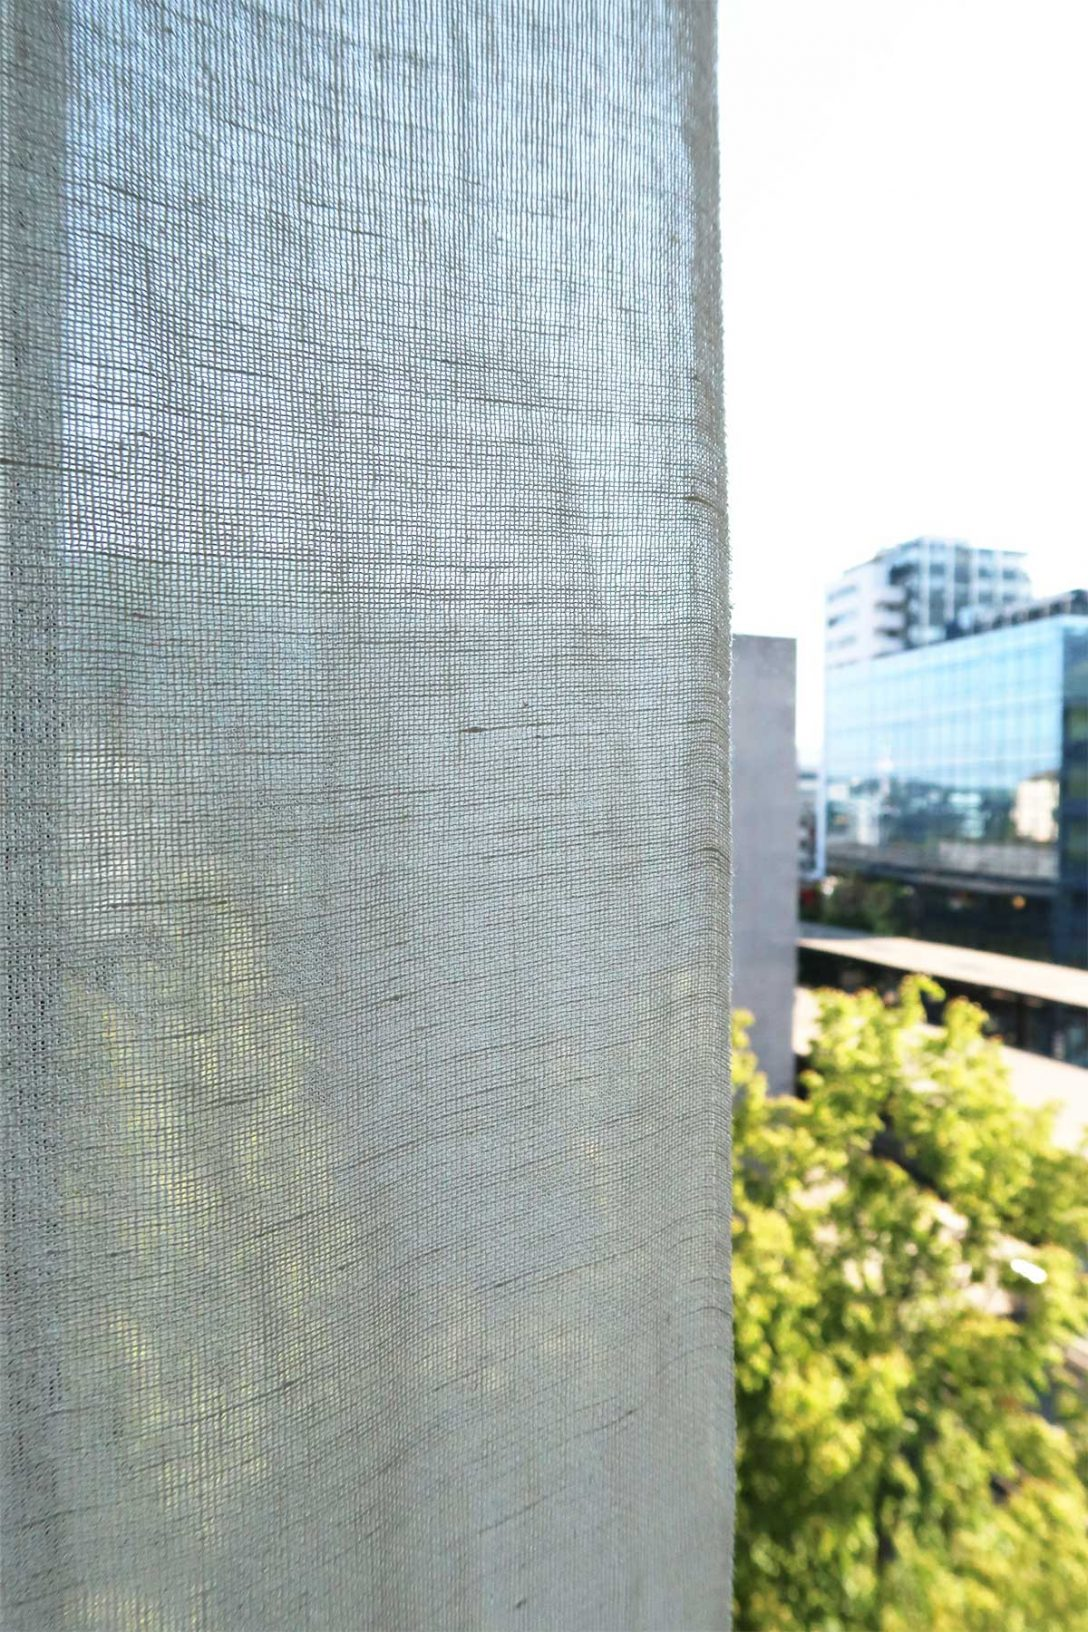 Large Size of Fenster Auf Maß Tagvorhang Tramontana Christian Fischbacher Leinen Optik Rehau Velux Kaufen Nach Türen Schallschutz Regal Standardmaße Holz Alu Preise Bad Fenster Fenster Auf Maß